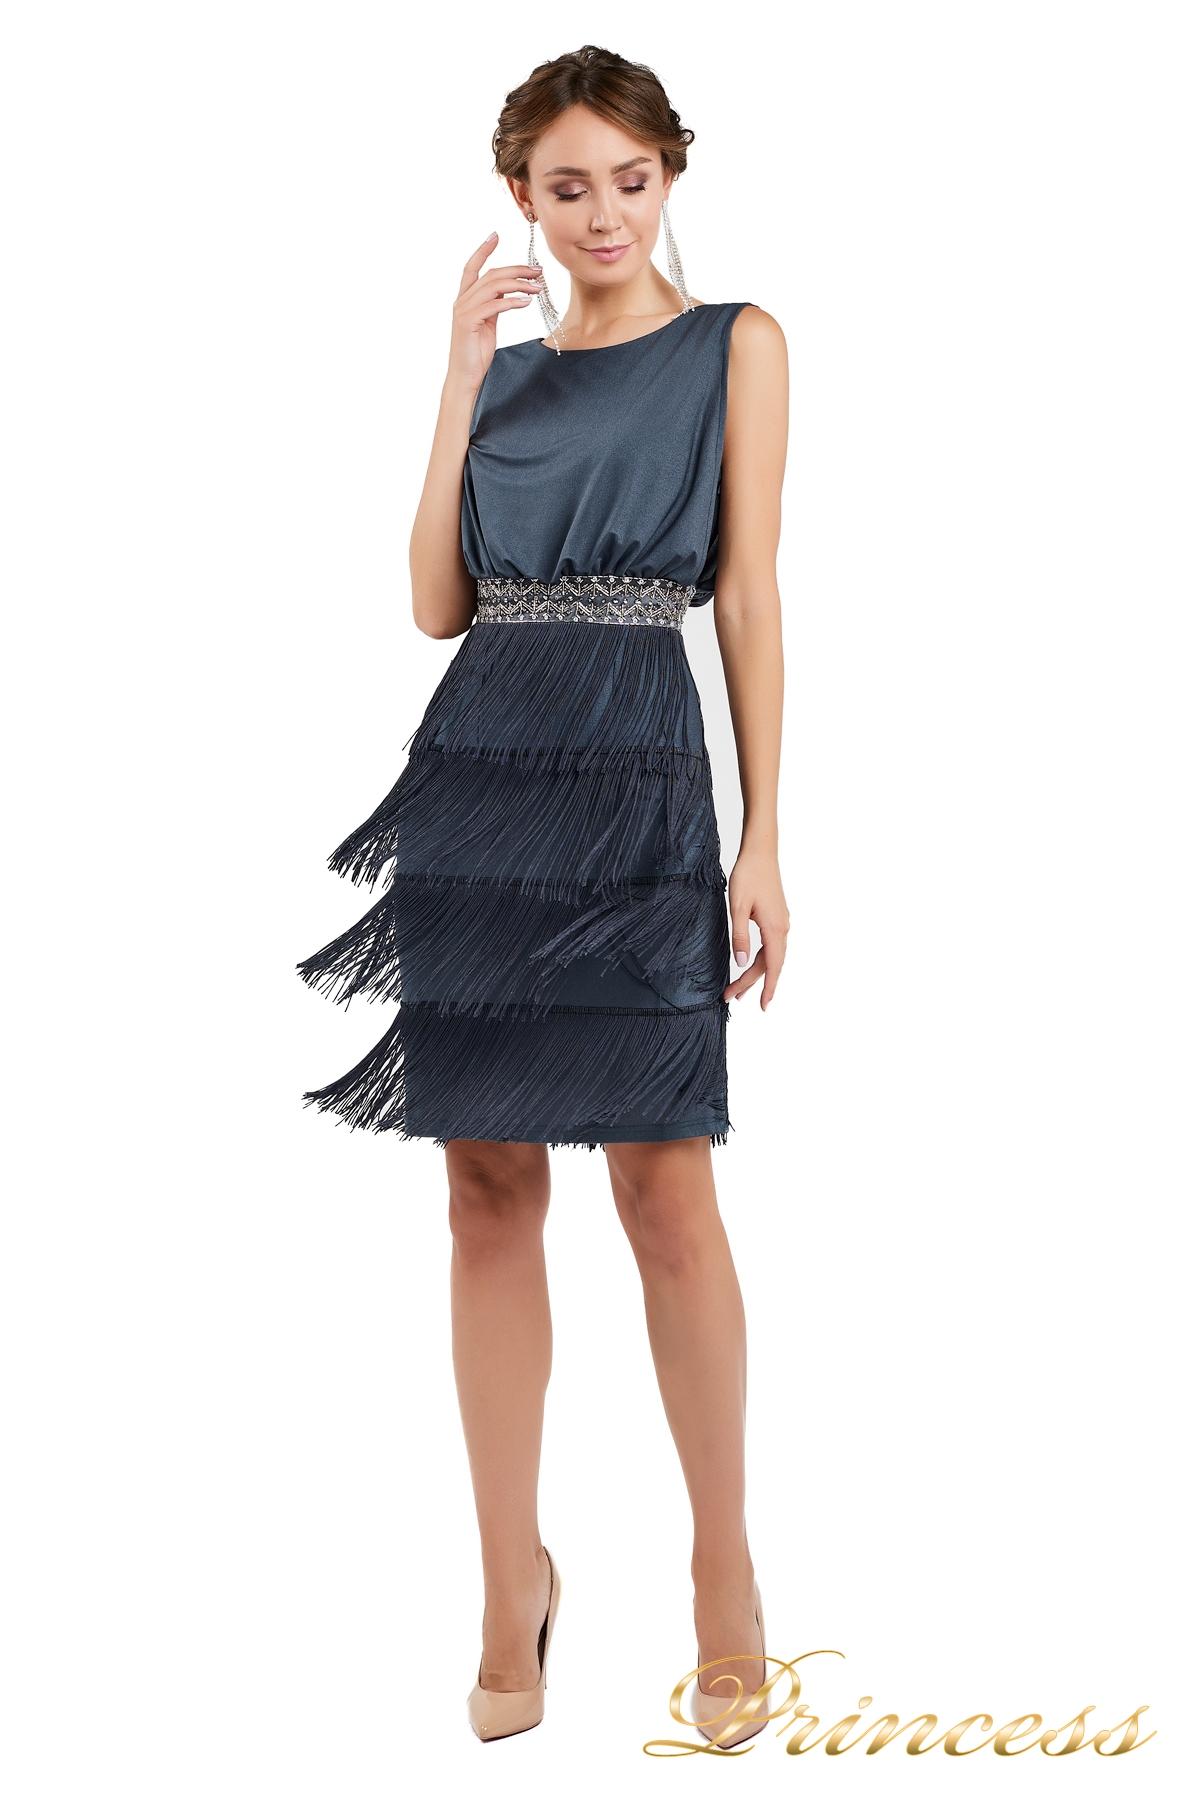 327684cb44d Купить коктейльное платье 1147 dark gray стального цвета по цене ...